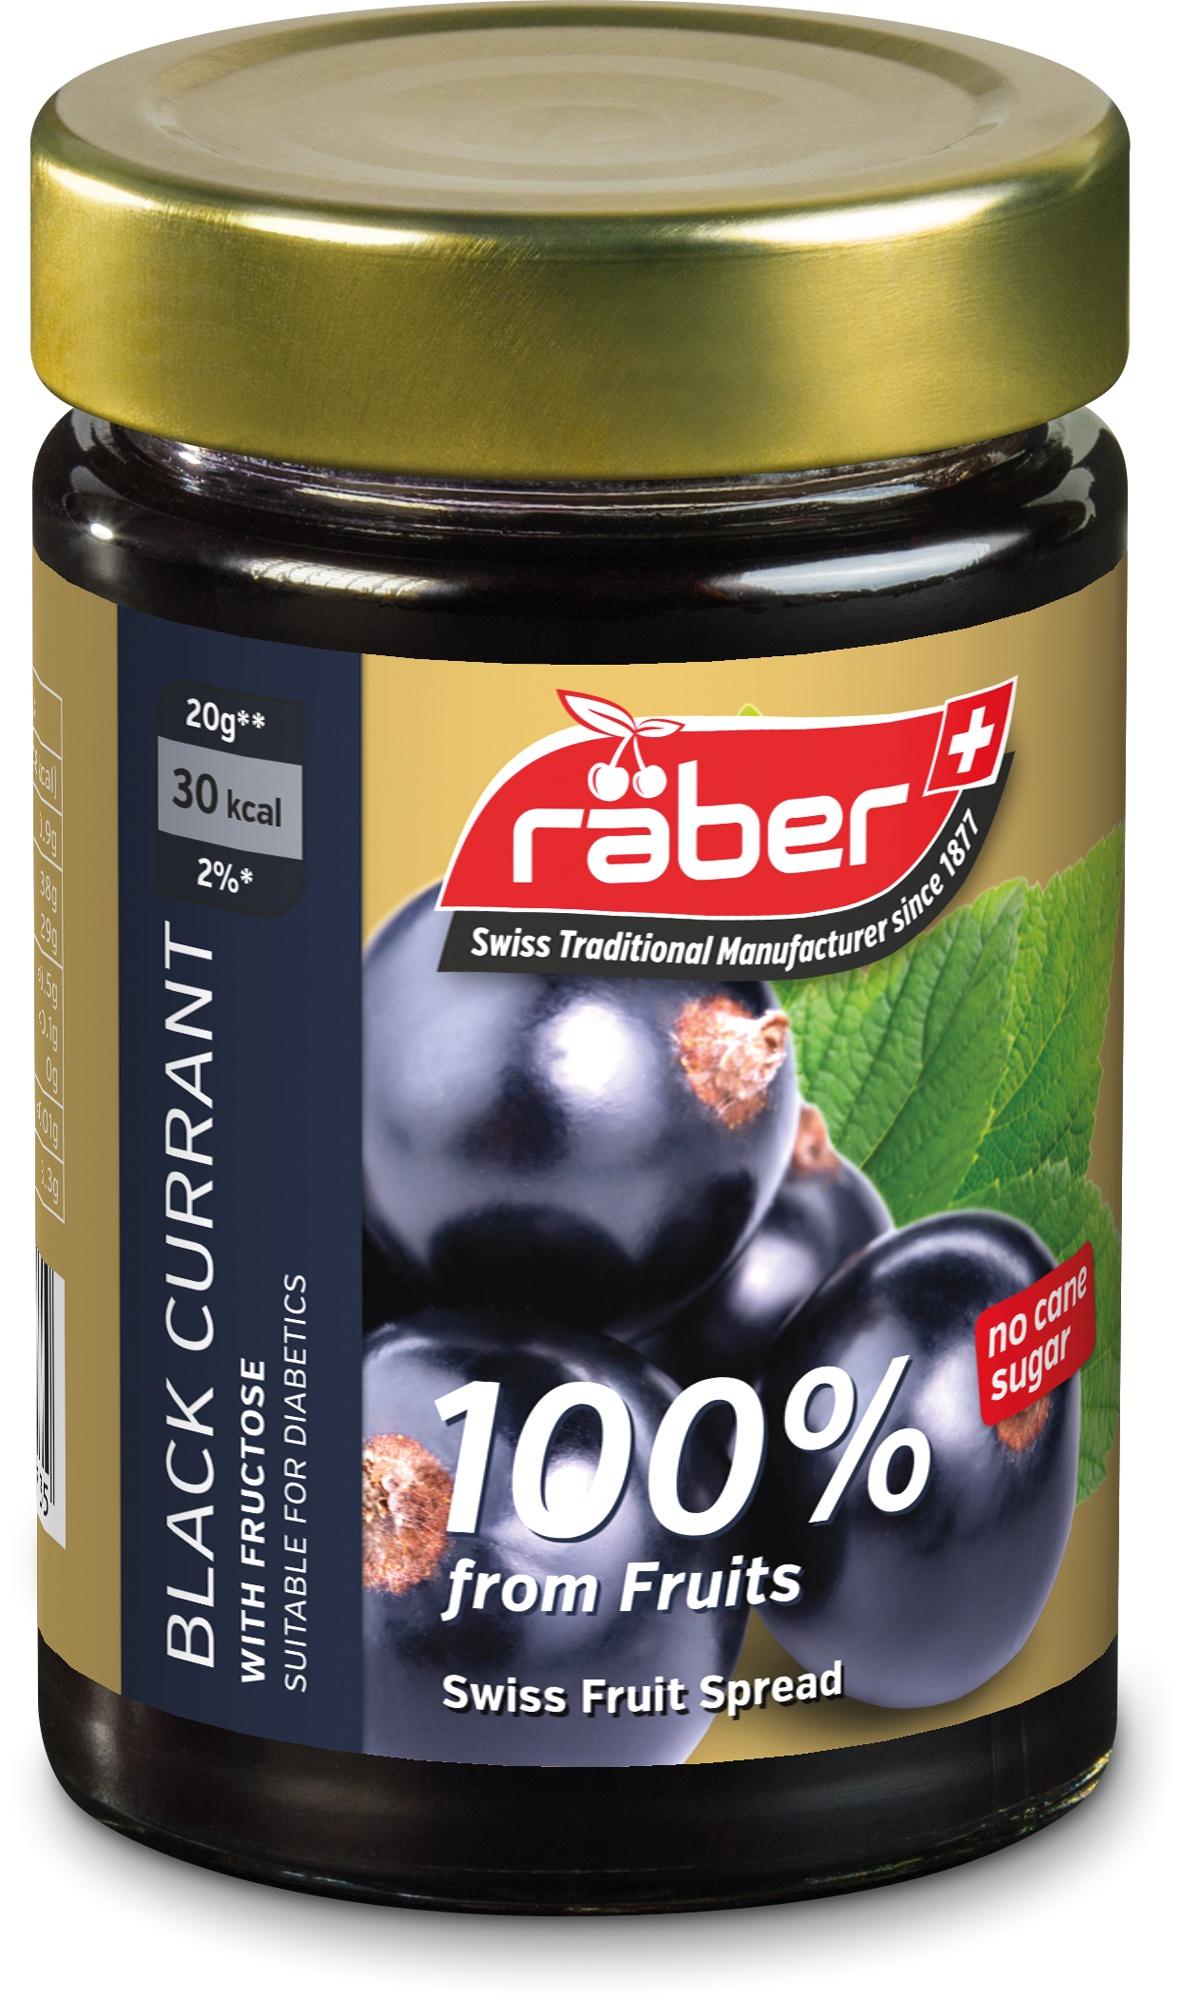 Джем Raber -швейцарский БЕЗ ДОБАВЛЕНИЯ САХАРА из черной смородины , содержание фруктов 100% Стеклянная банка, 210 г